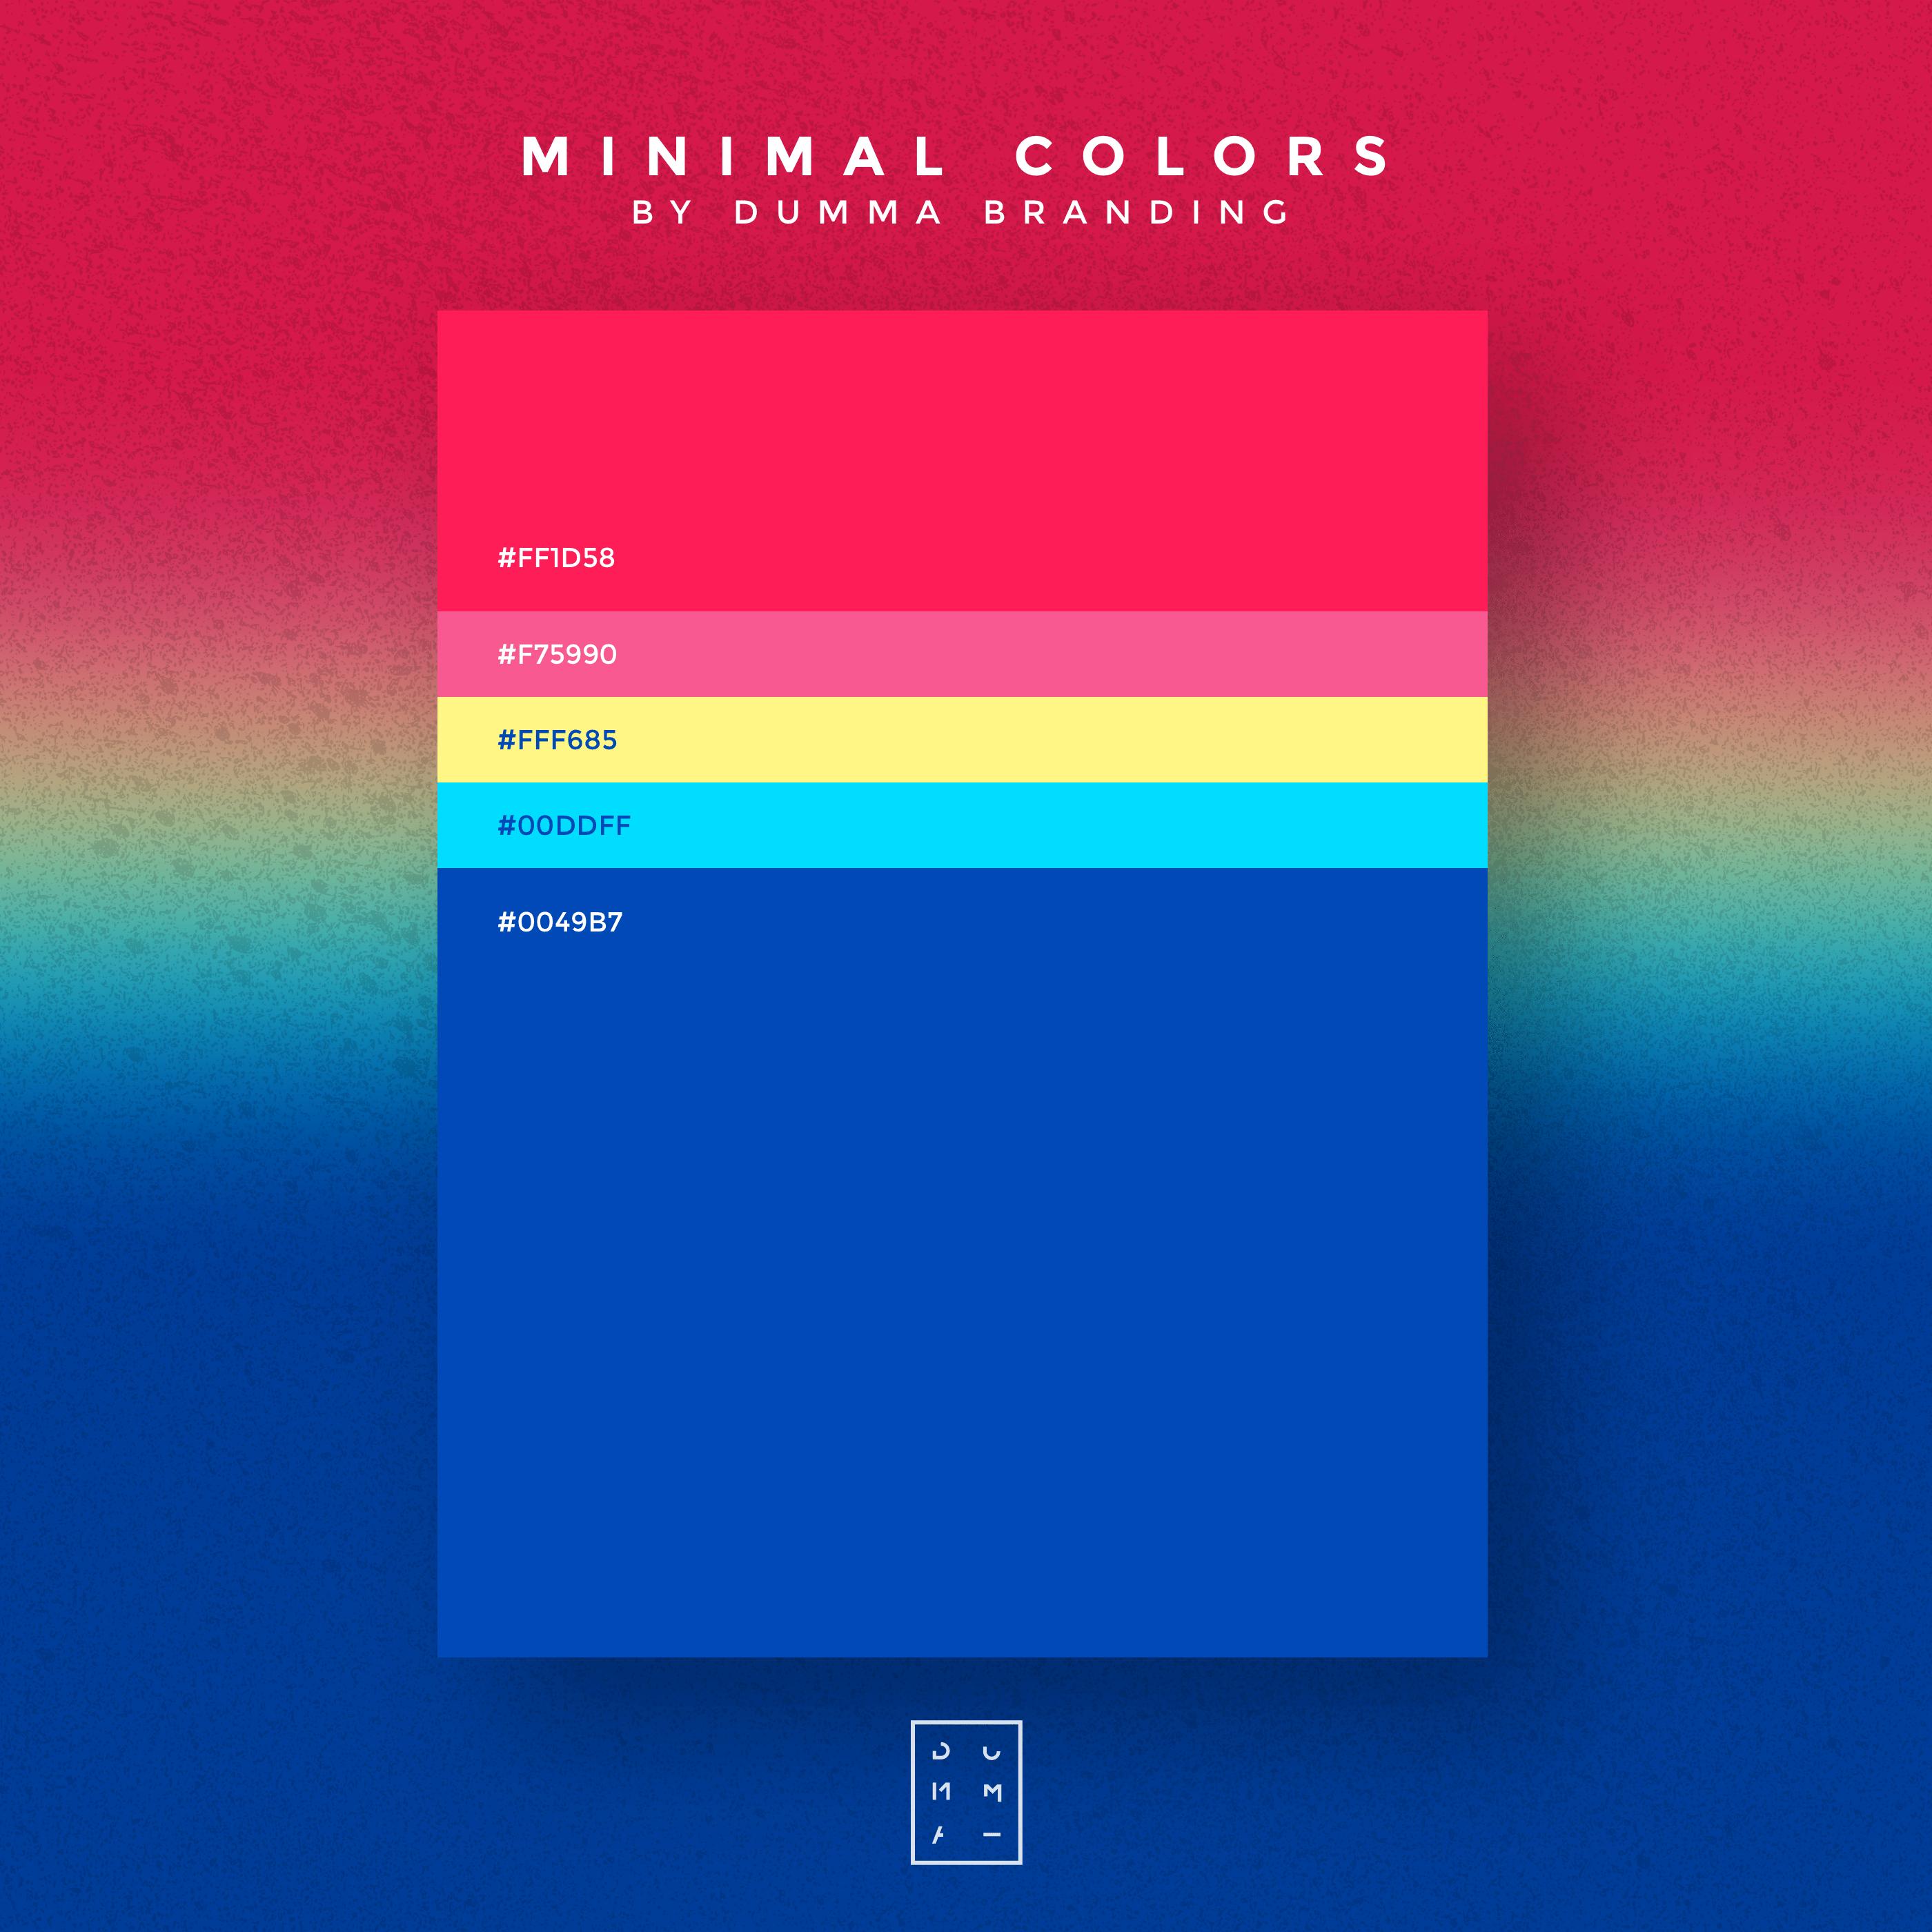 Gorgeous Web Design Color Scheme for 2020